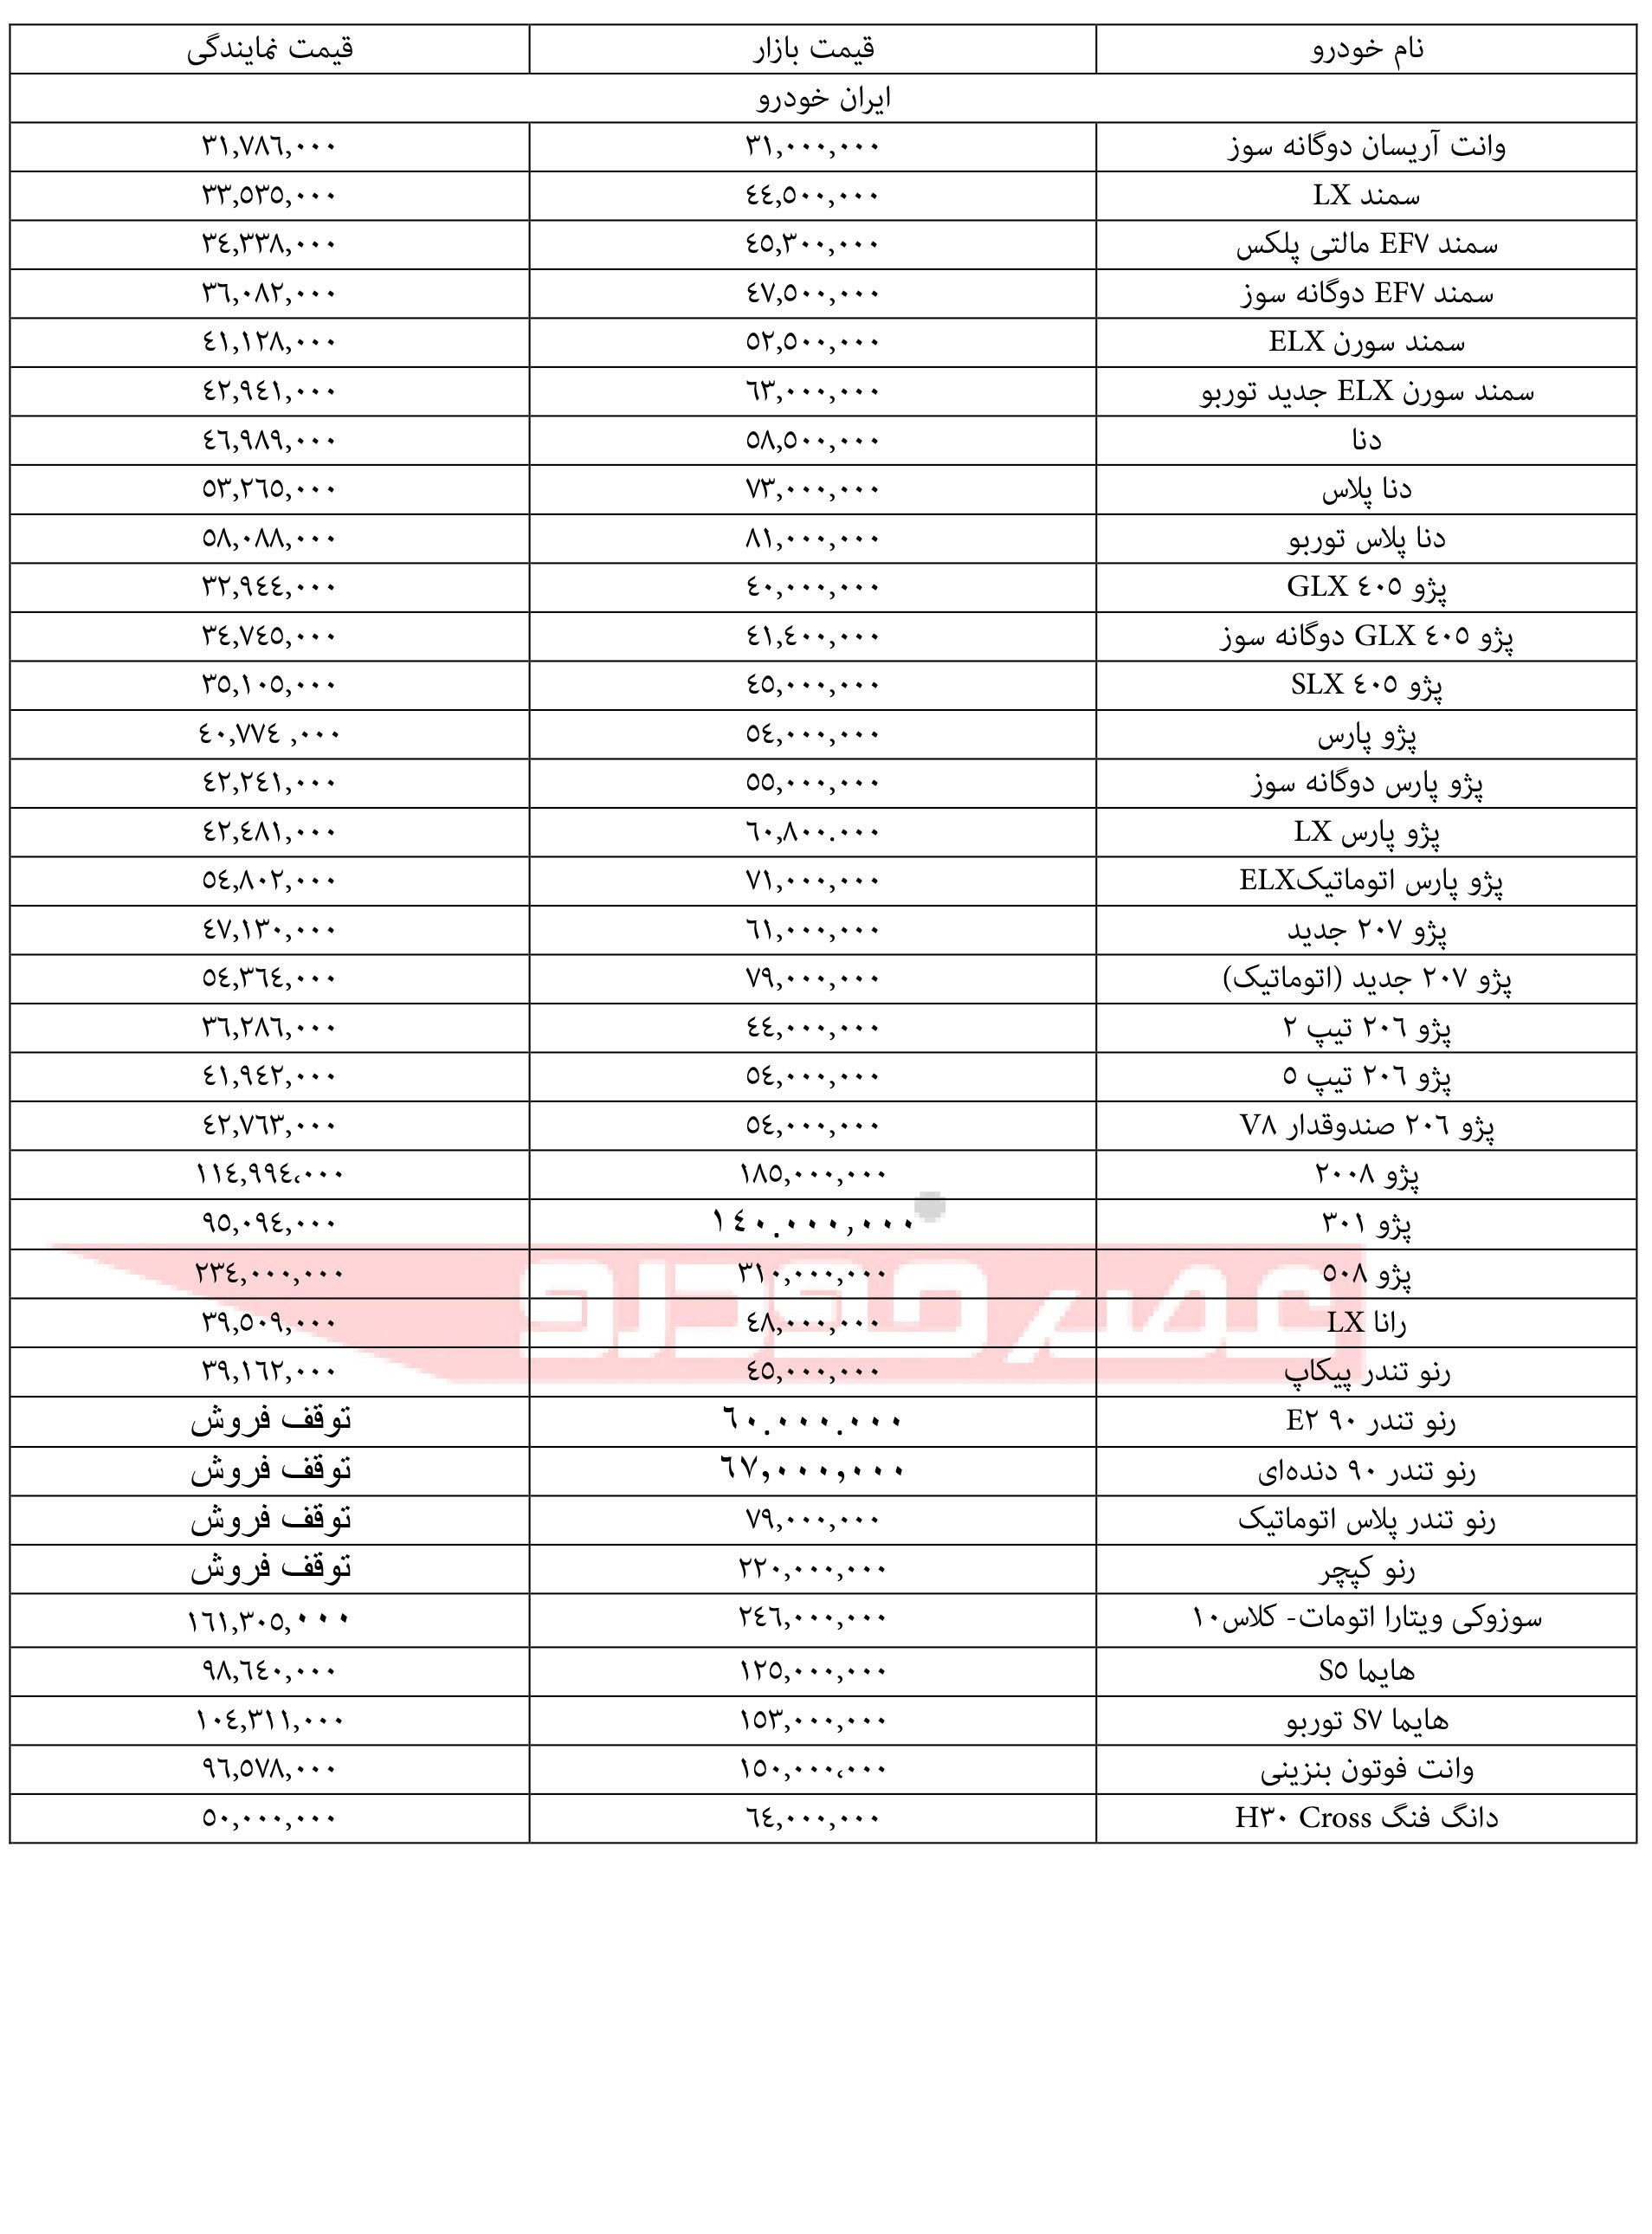 قیمت محصولات ایران خودرو 6 مرداد 97